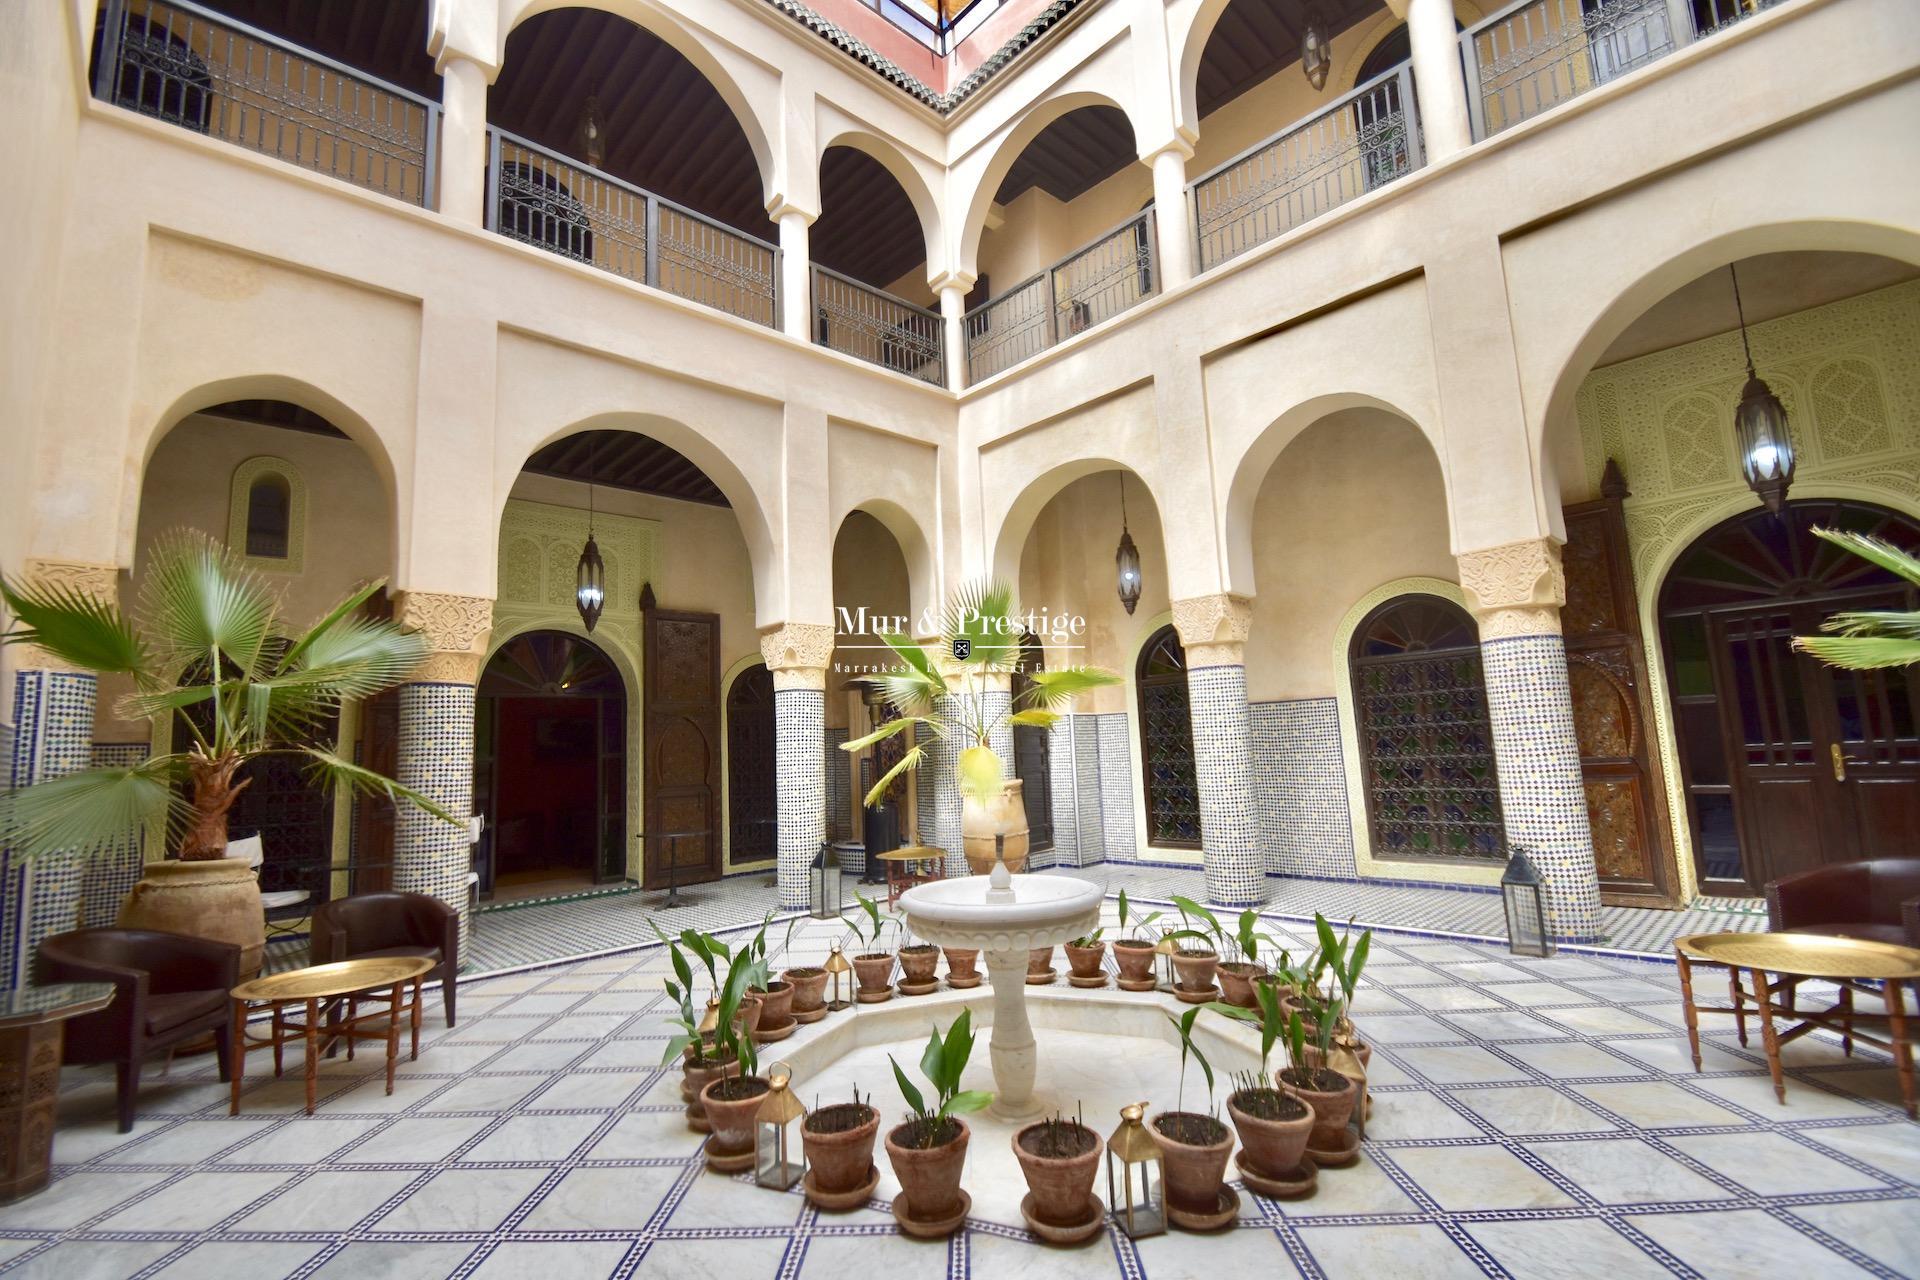 Riad de caractère à vendre à Marrakech - Agence Immobilière